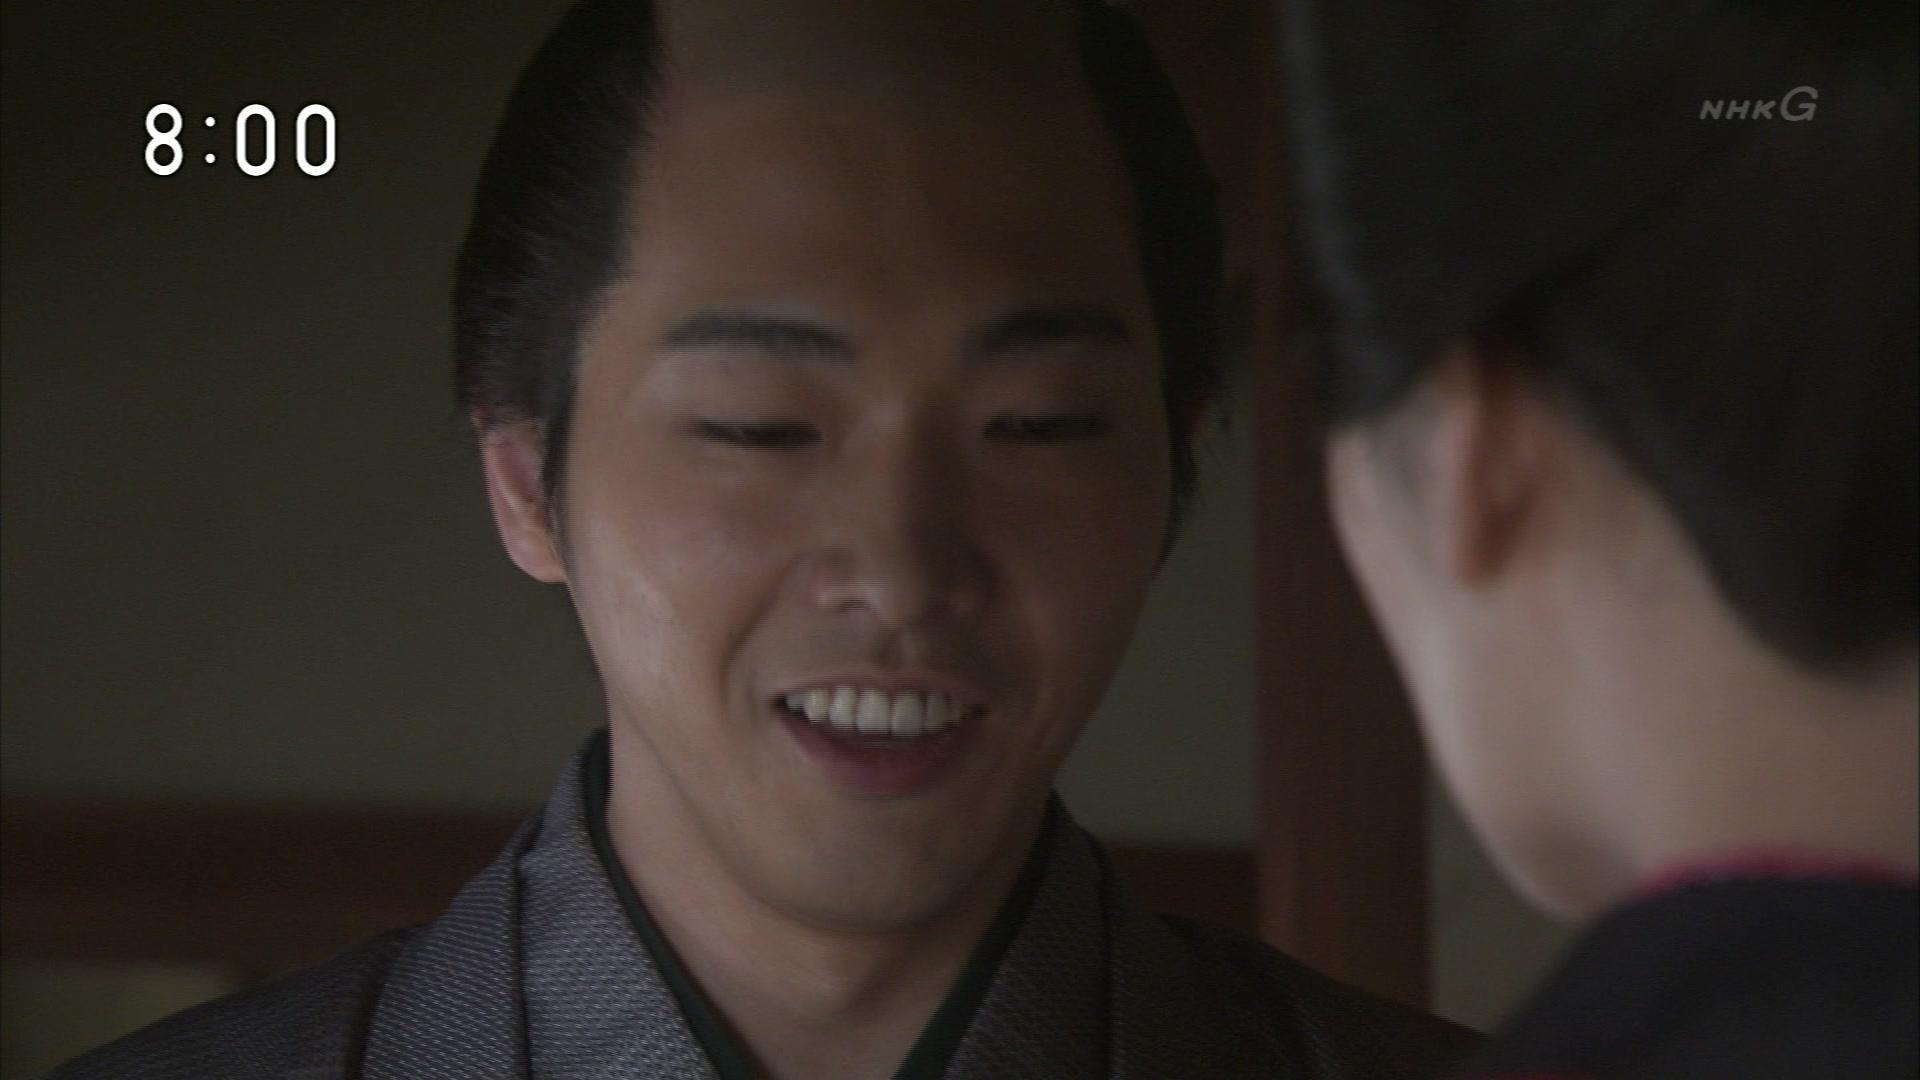 2015-10-06 08:00 連続テレビ小説 あさが来た(8)「ふたつの花びら」 0147